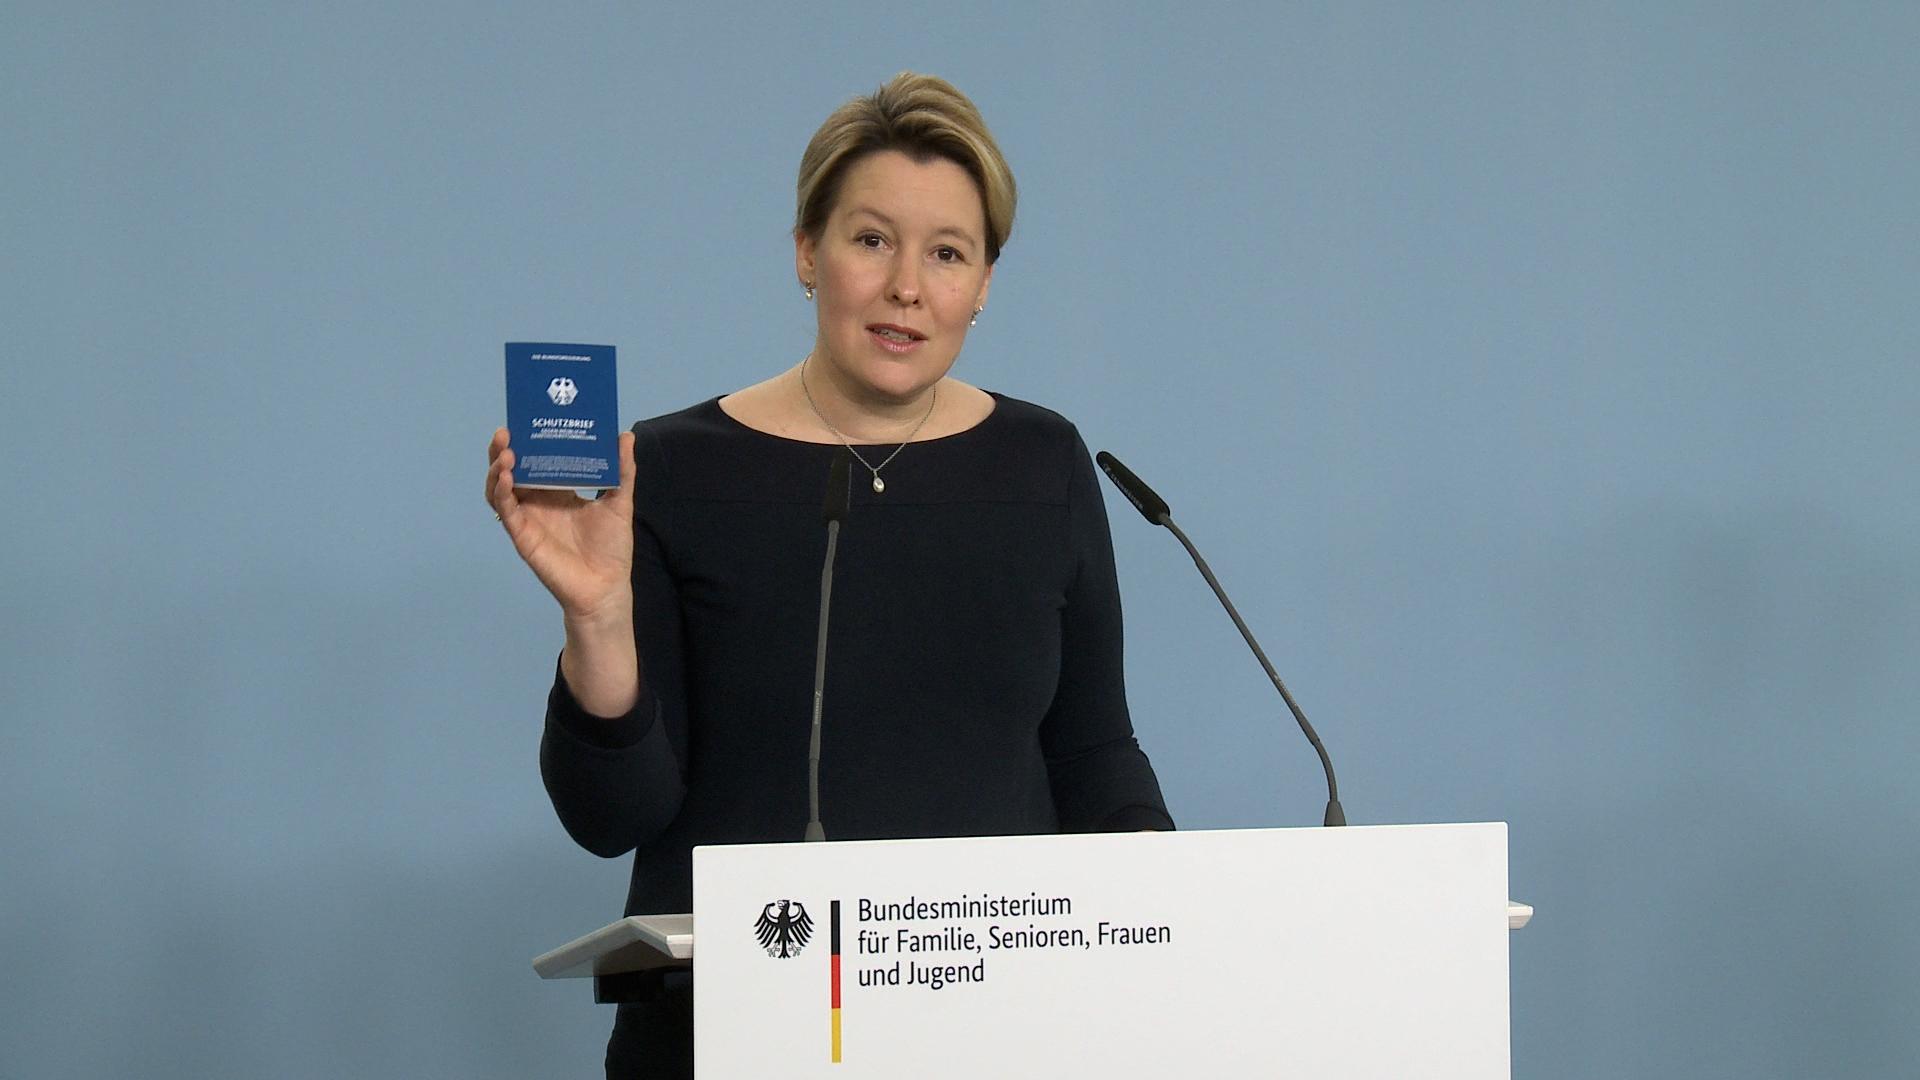 Franziska Giffey stellt Schutzbrief der Bundesregierung vor